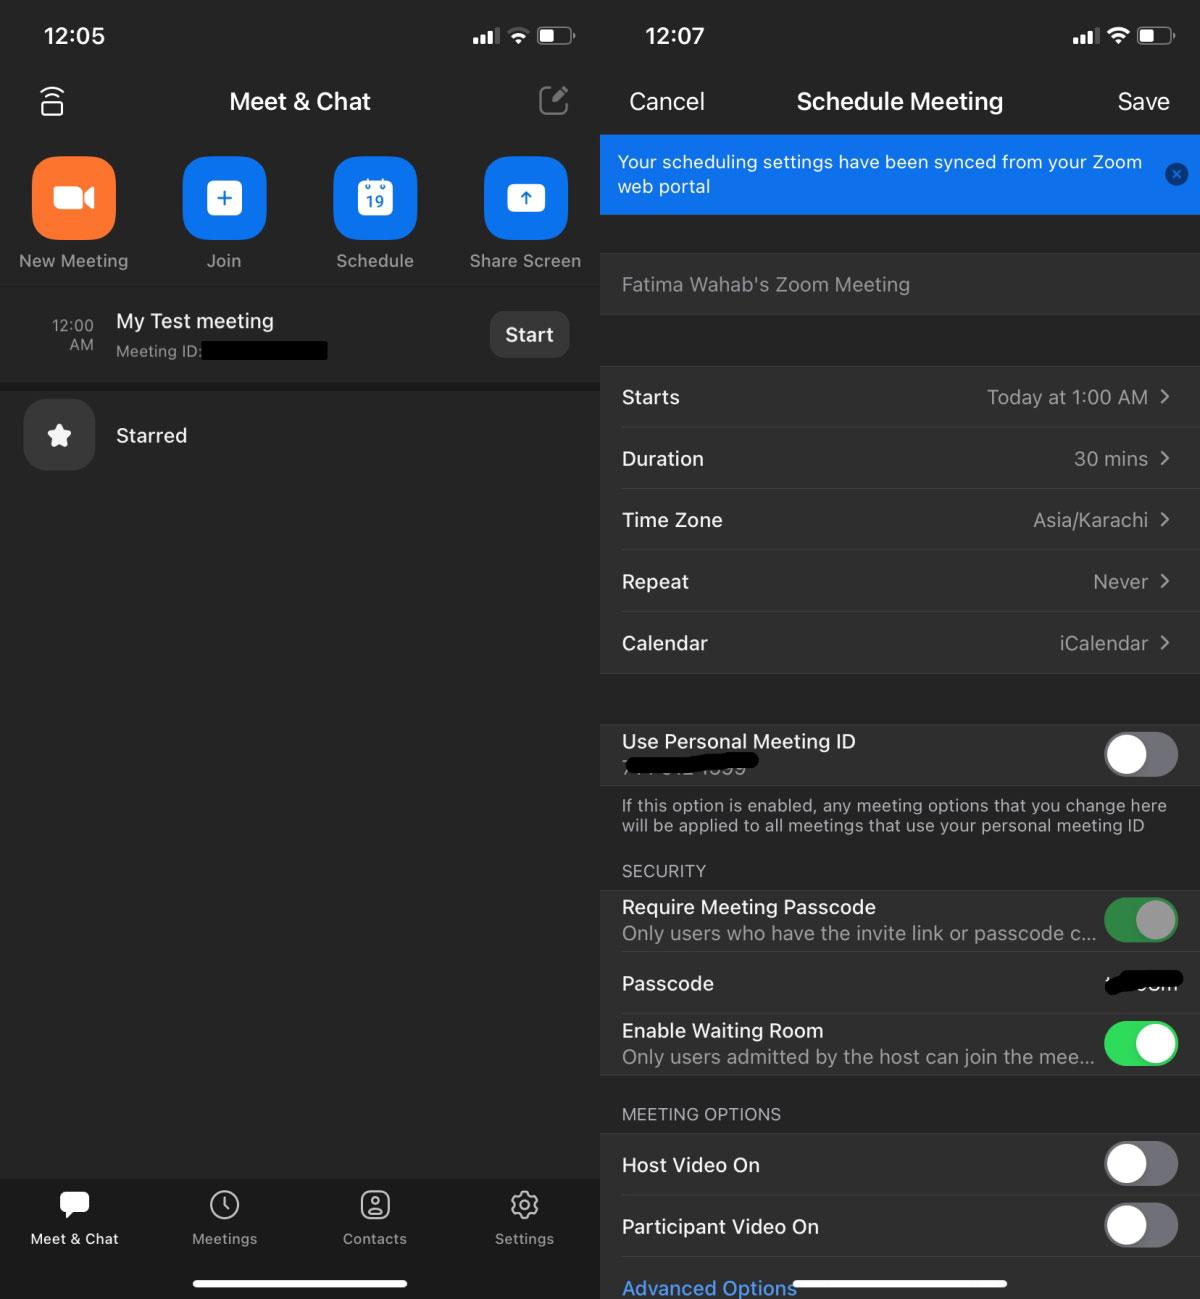 Configurar una reunión Zoom 2 - Móviles